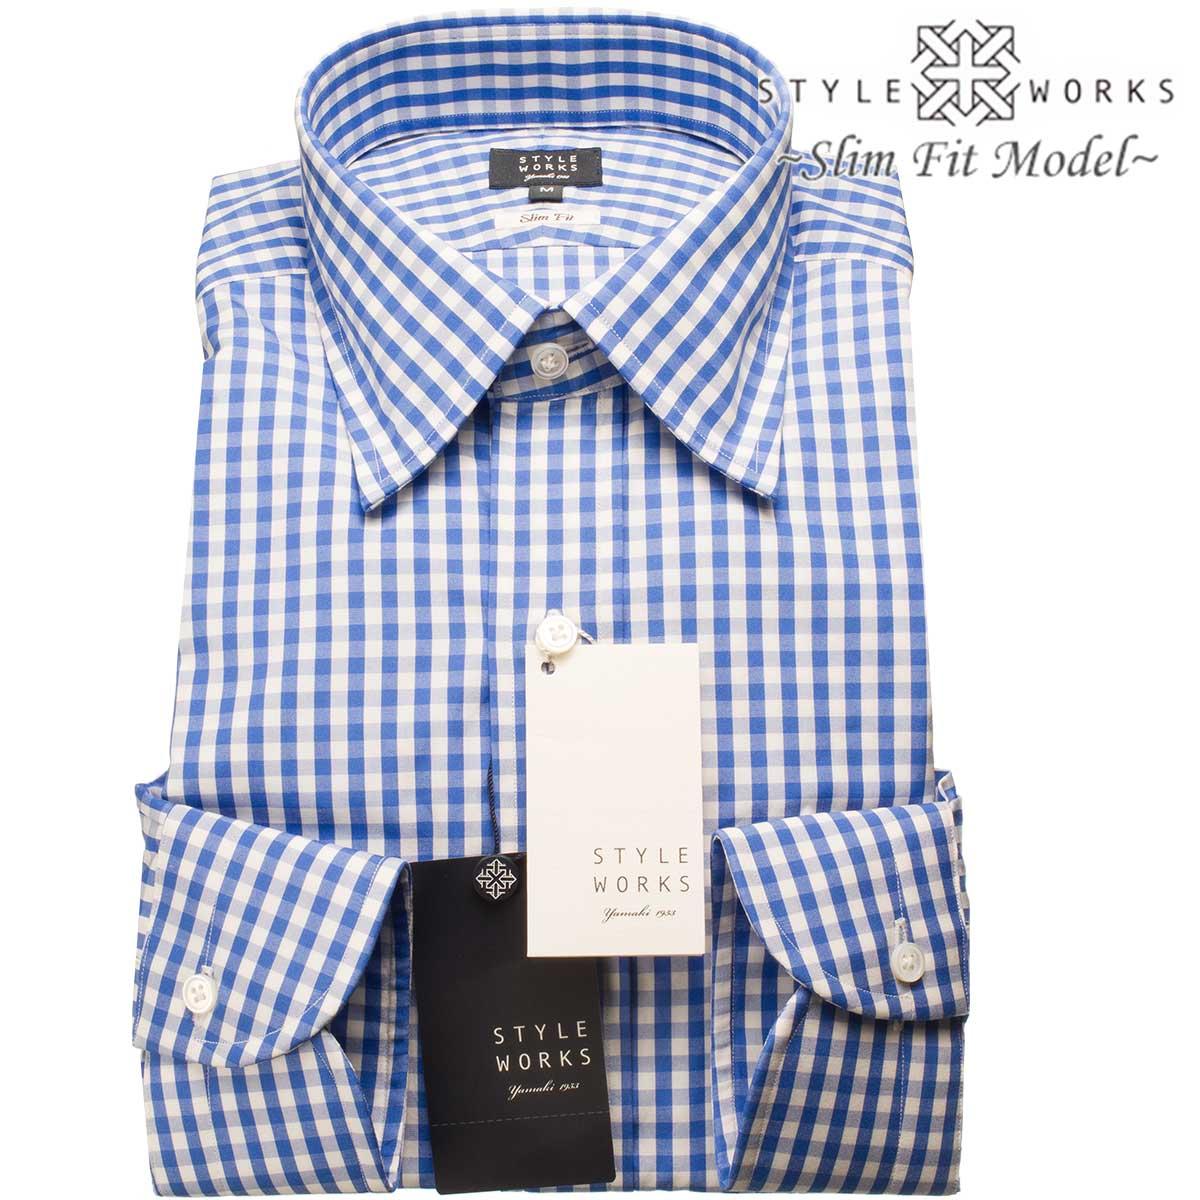 ドレスシャツ ワイシャツ シャツ メンズ 国産 長袖 スリムフィット GIZA88 レギュラーカラー ブルーブロック・ギンガムチェック